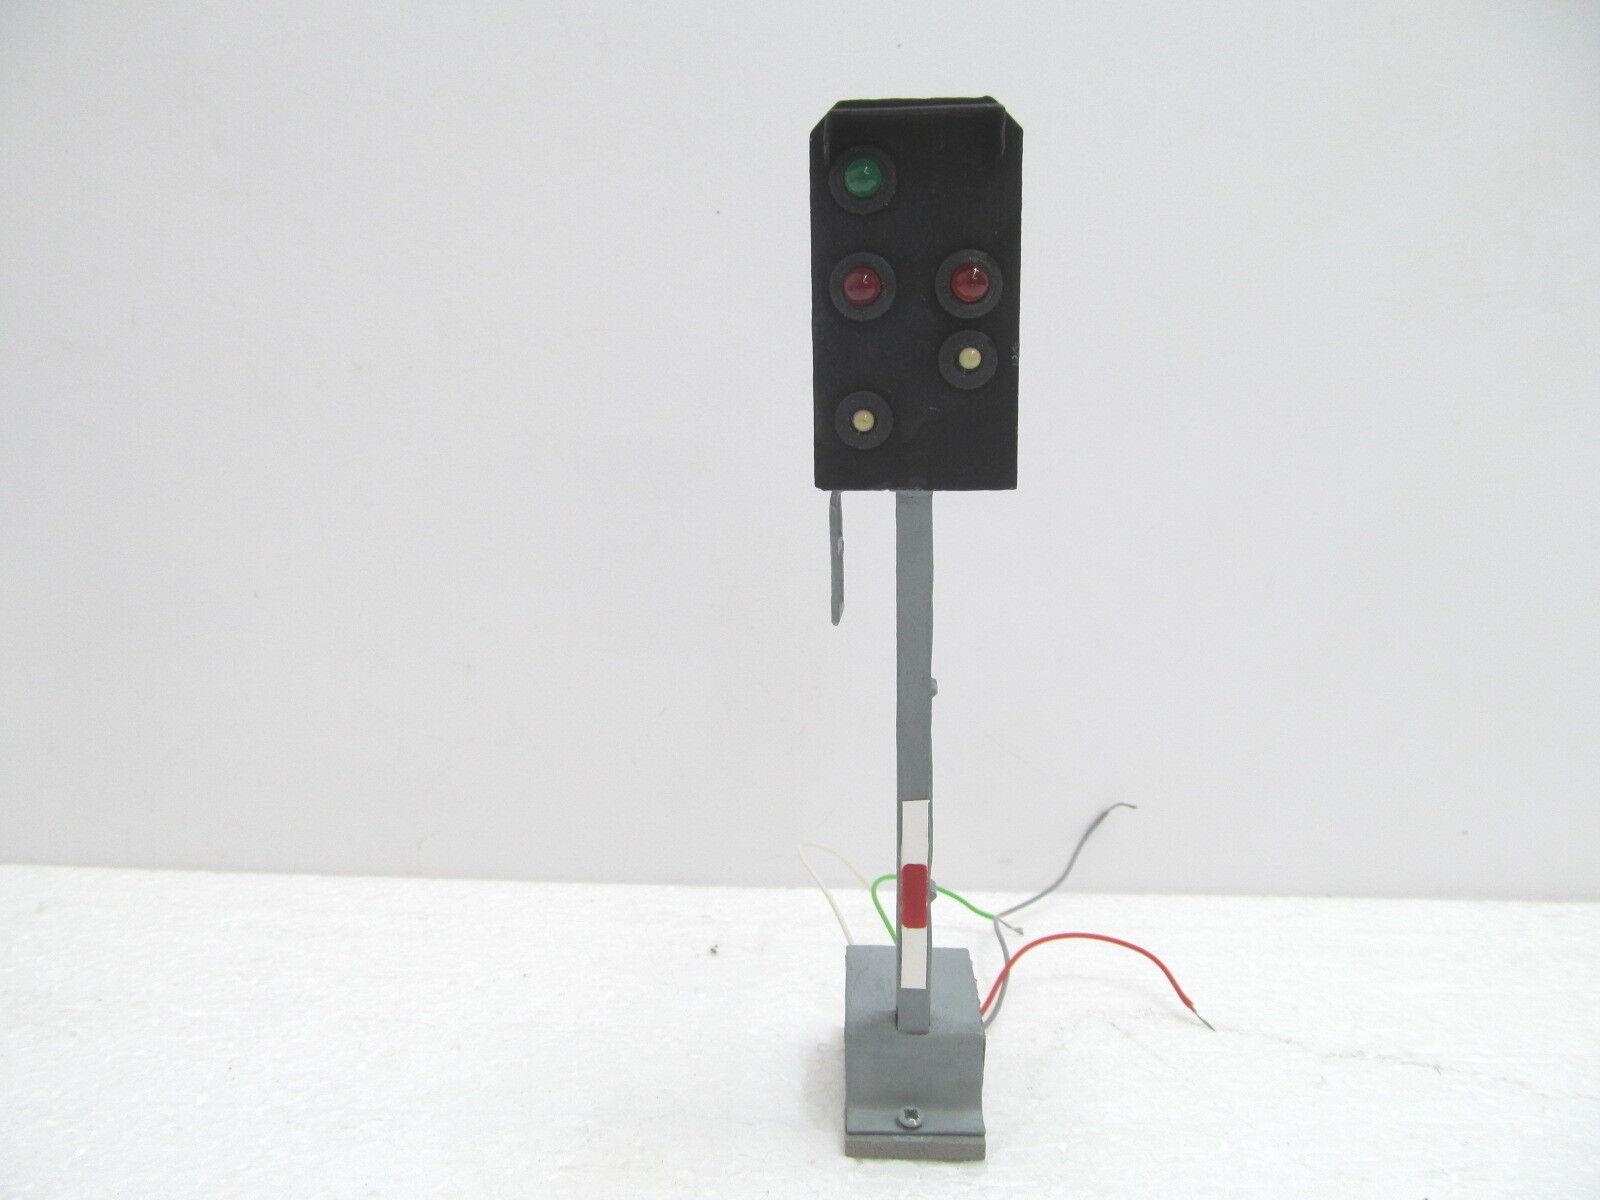 MES-49830 Spur 0 0 0 Lichtsignal Metall H ca 150mm mit Gebrauchsspuren, 34c9a4